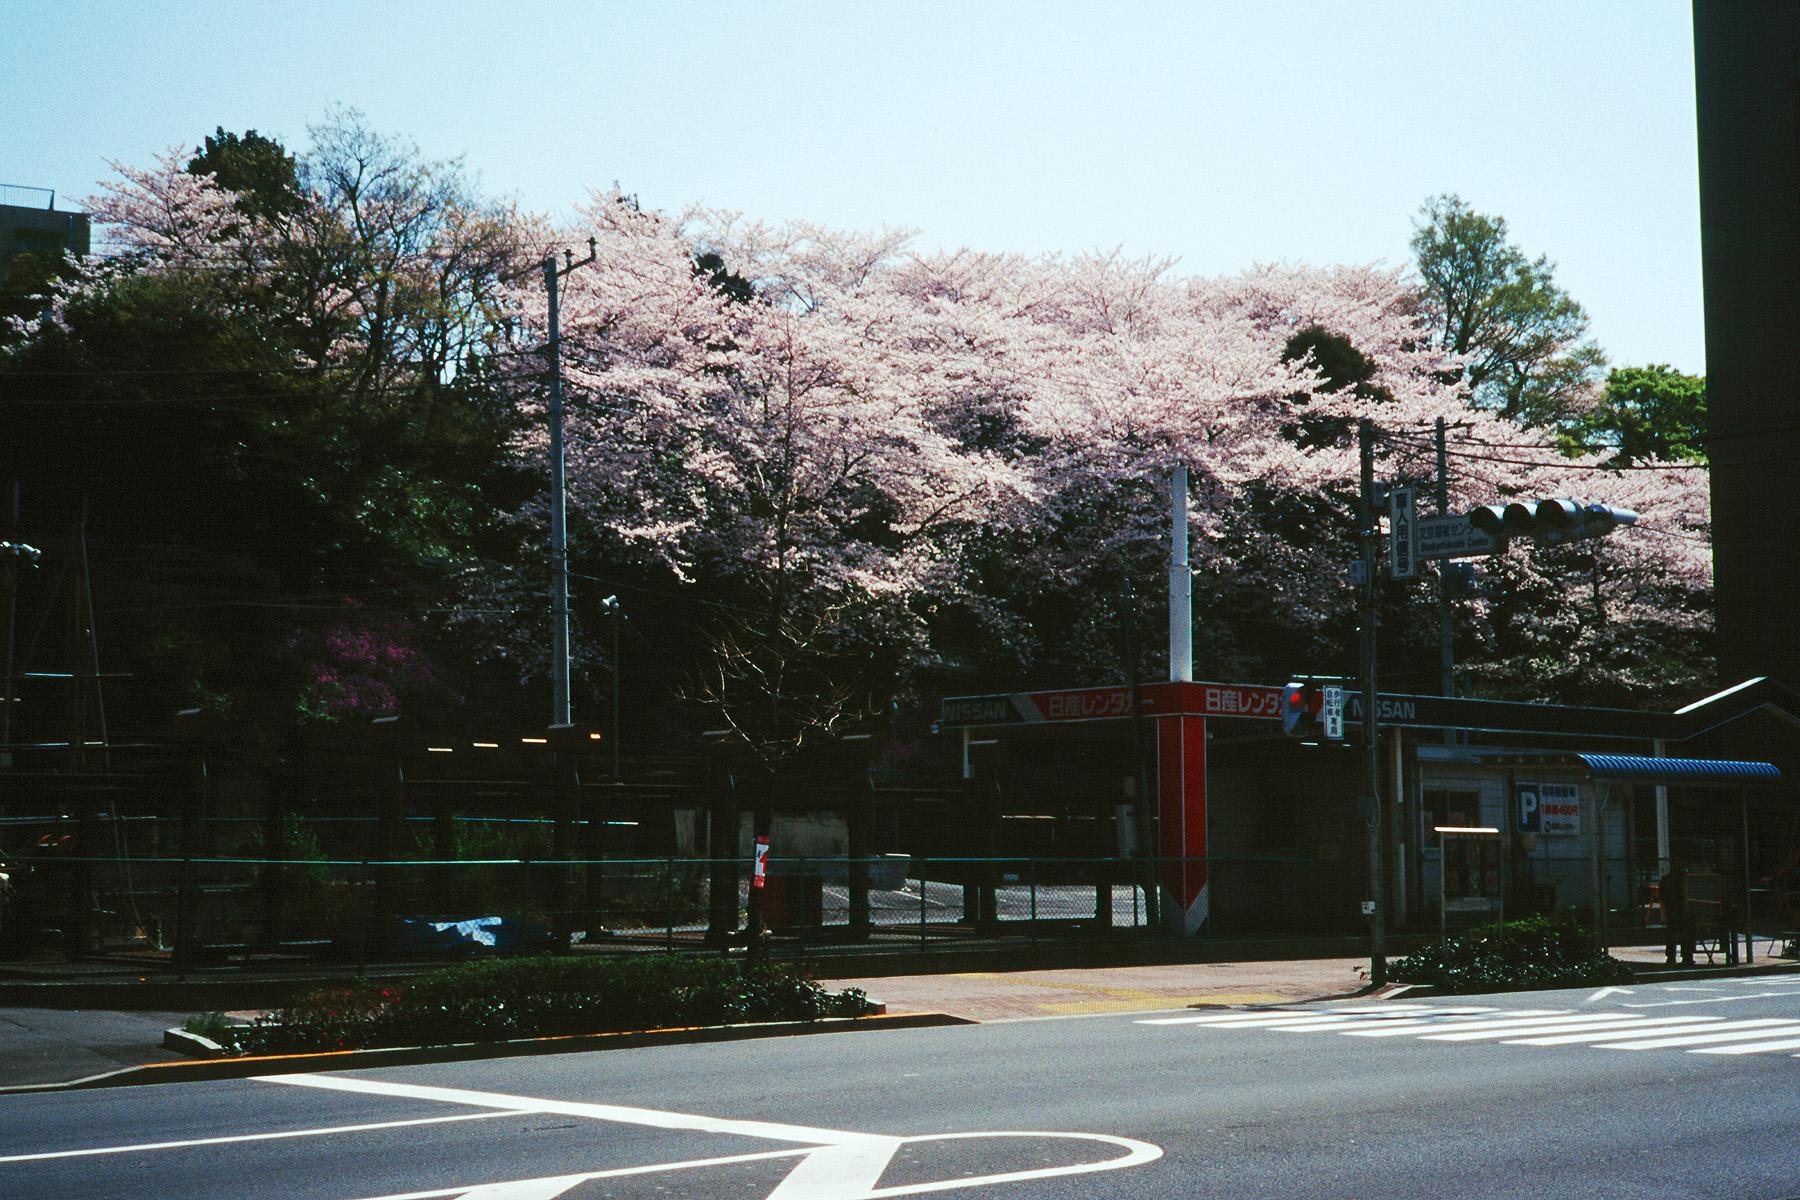 003_1 鳩山会館の桜 20000409(00.19.05)